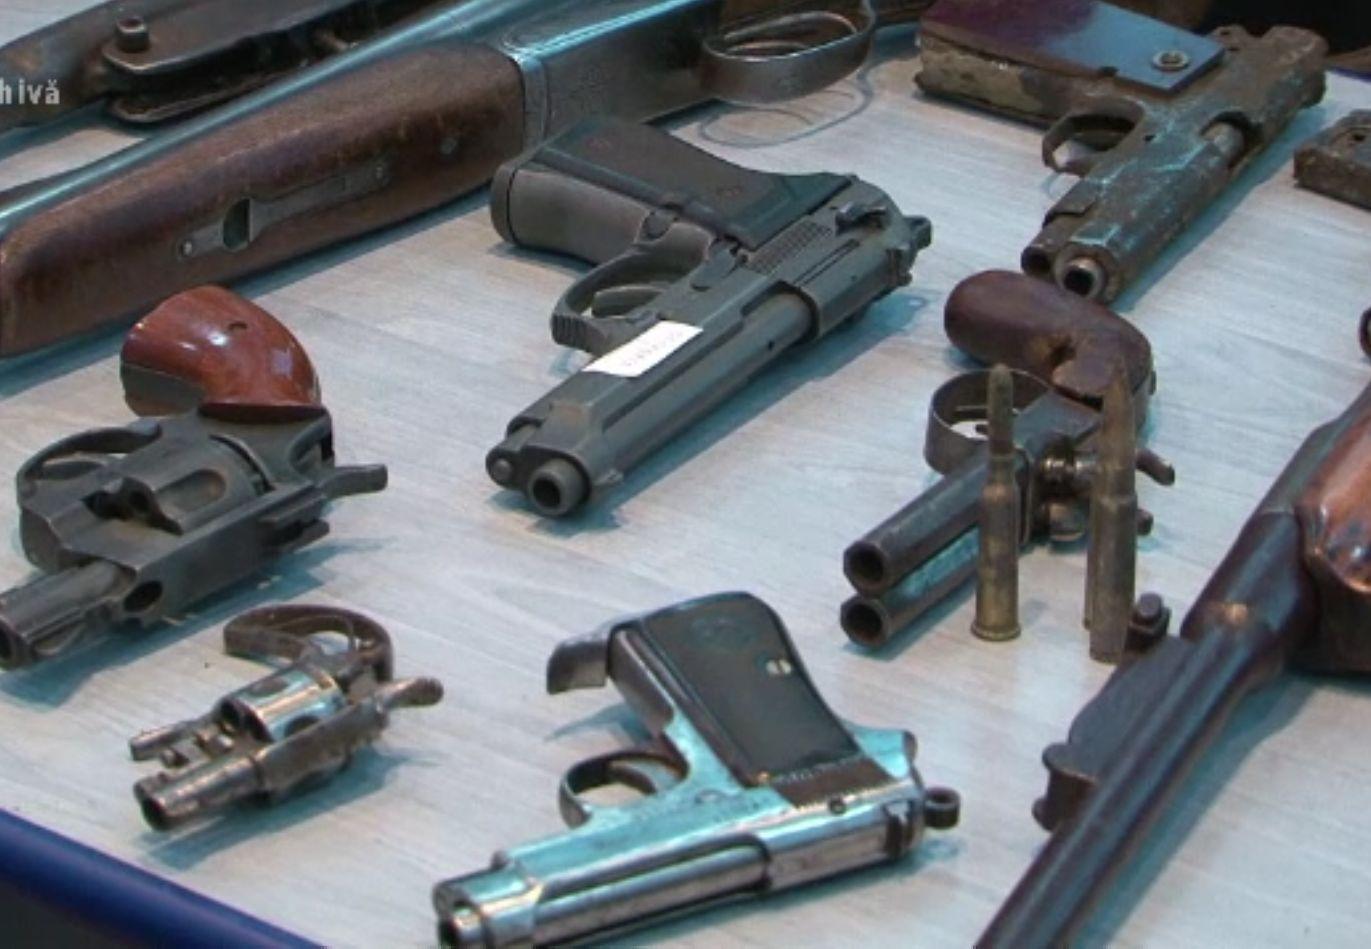 Romanii importa ilegal tot mai multe arme. 4 din 10 confiscate anul acesta sunt fără acte legale